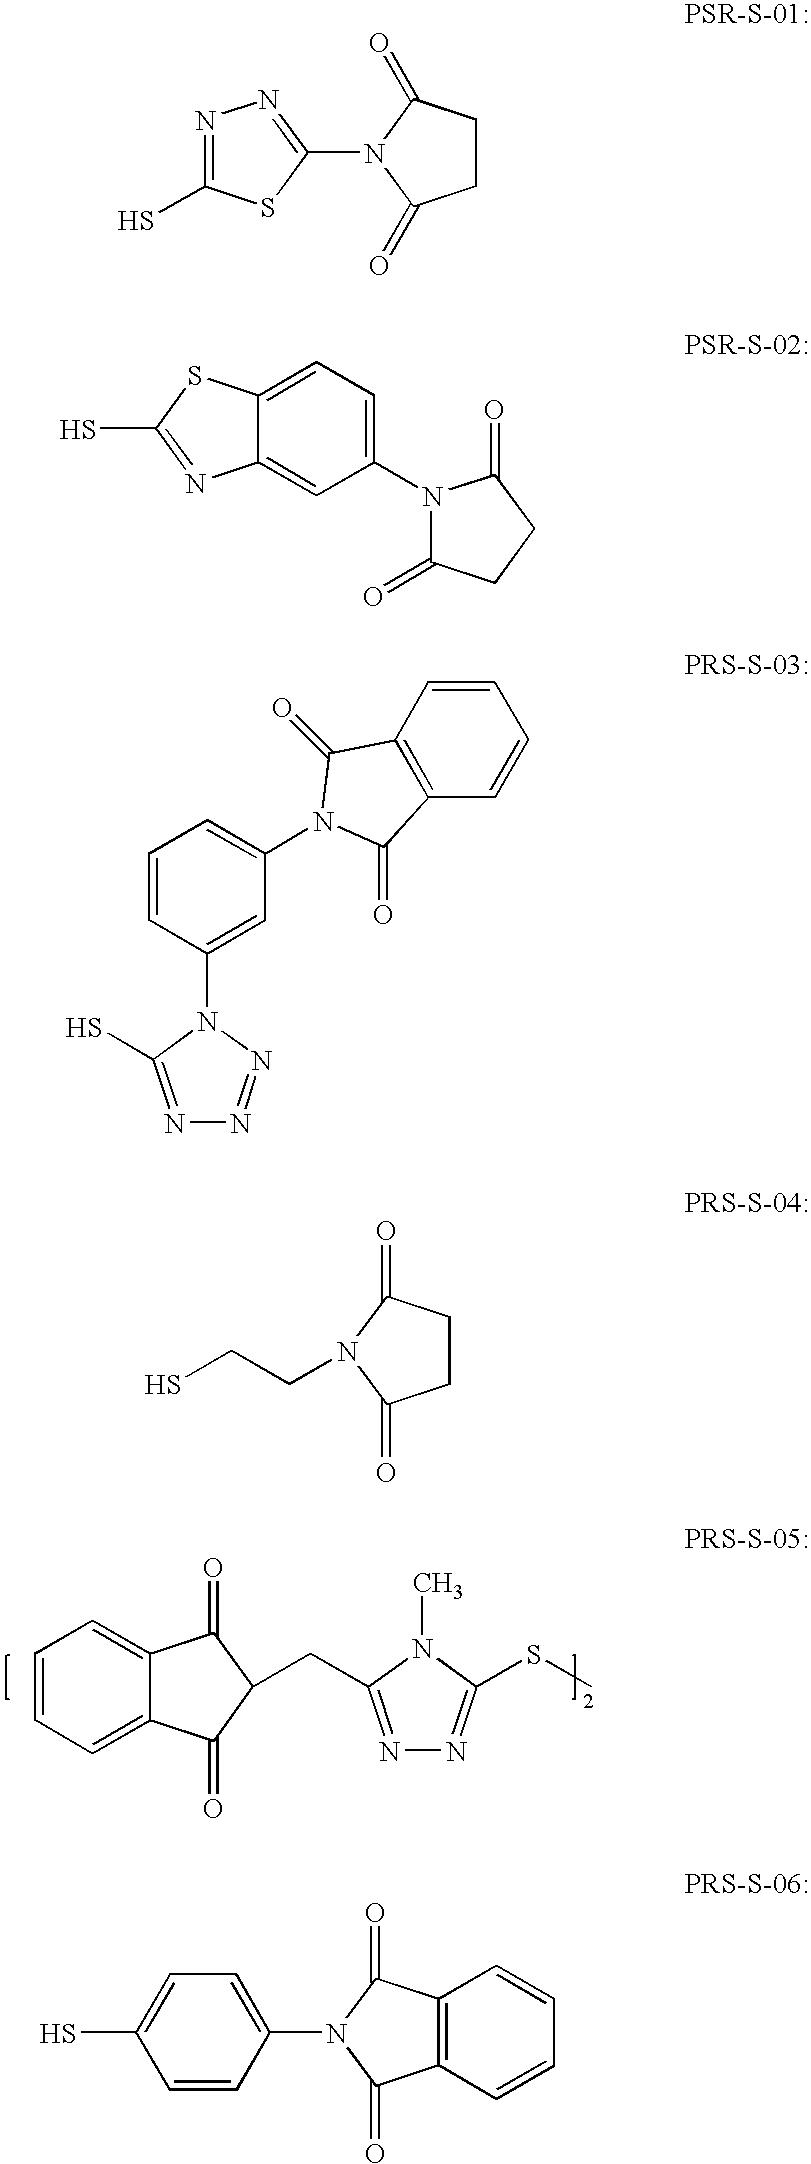 Figure US20060019191A1-20060126-C00026